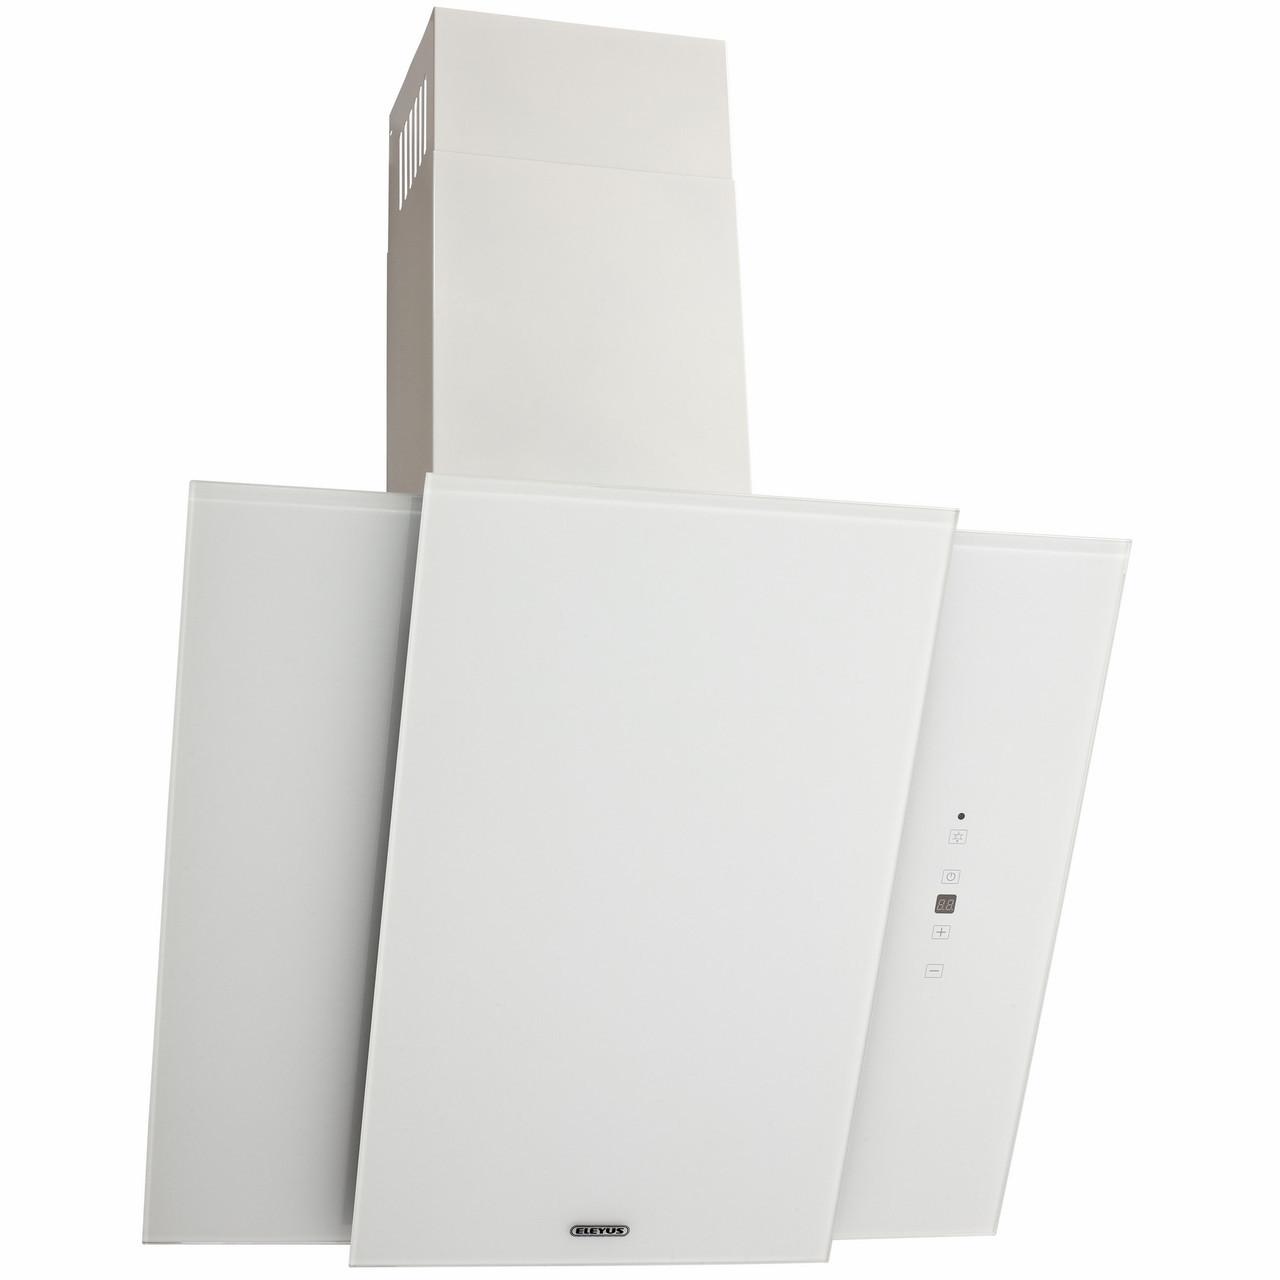 Витяжка кухонна вертикальна ELEYUS Vesta A 1200 LED SMD 60 S WH + Безкоштовна доставка!